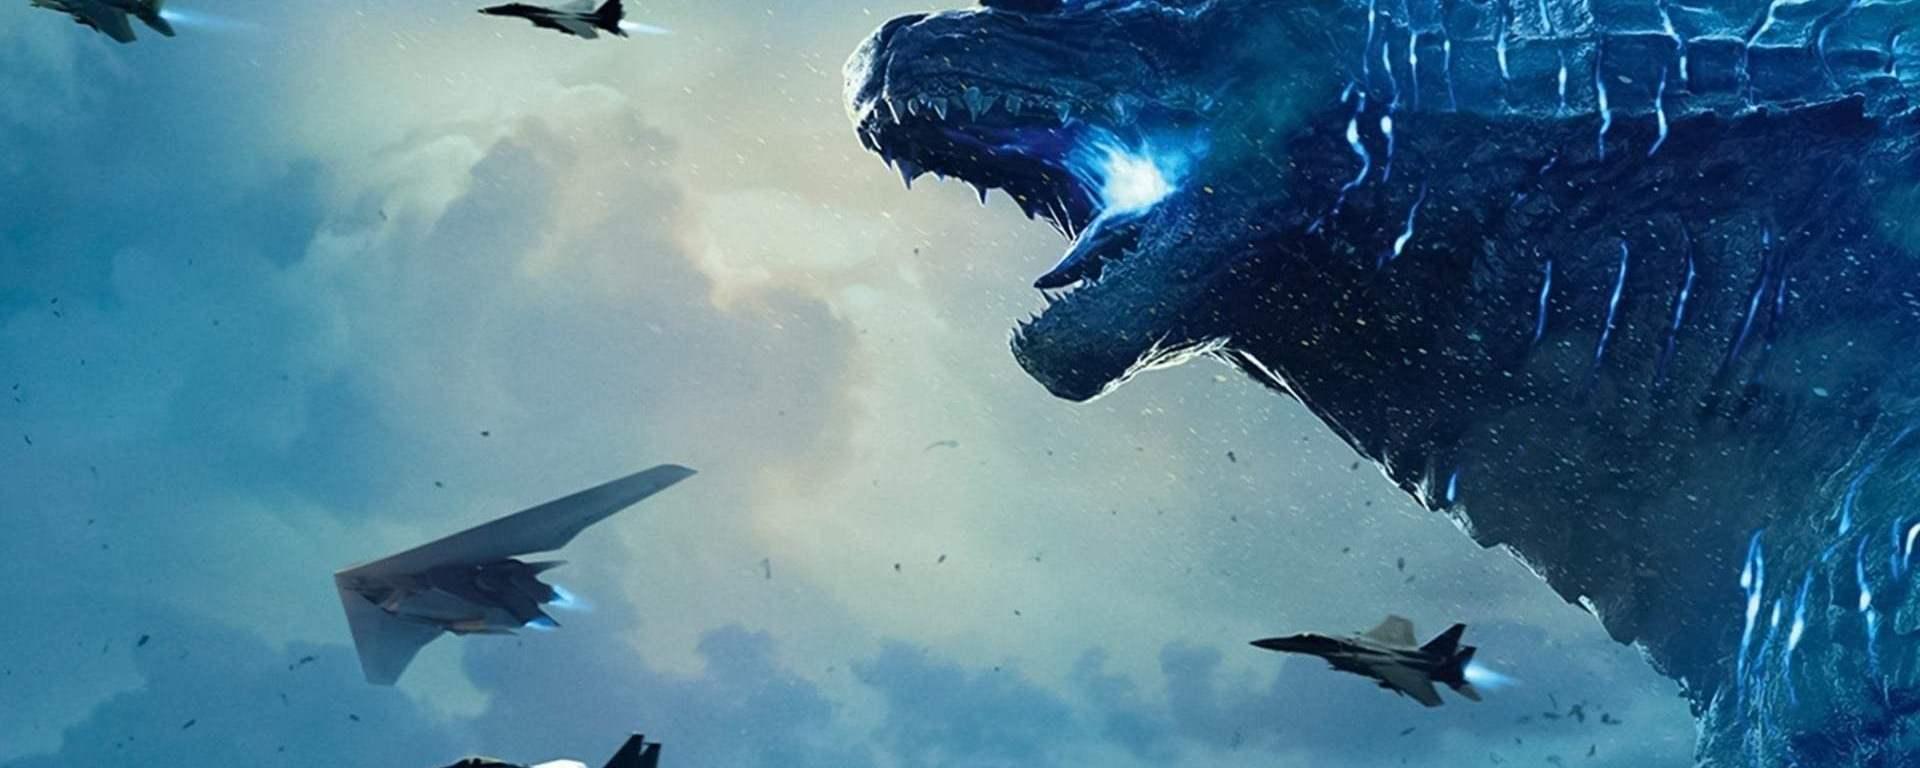 Godzilla-Cinema-Gizmo